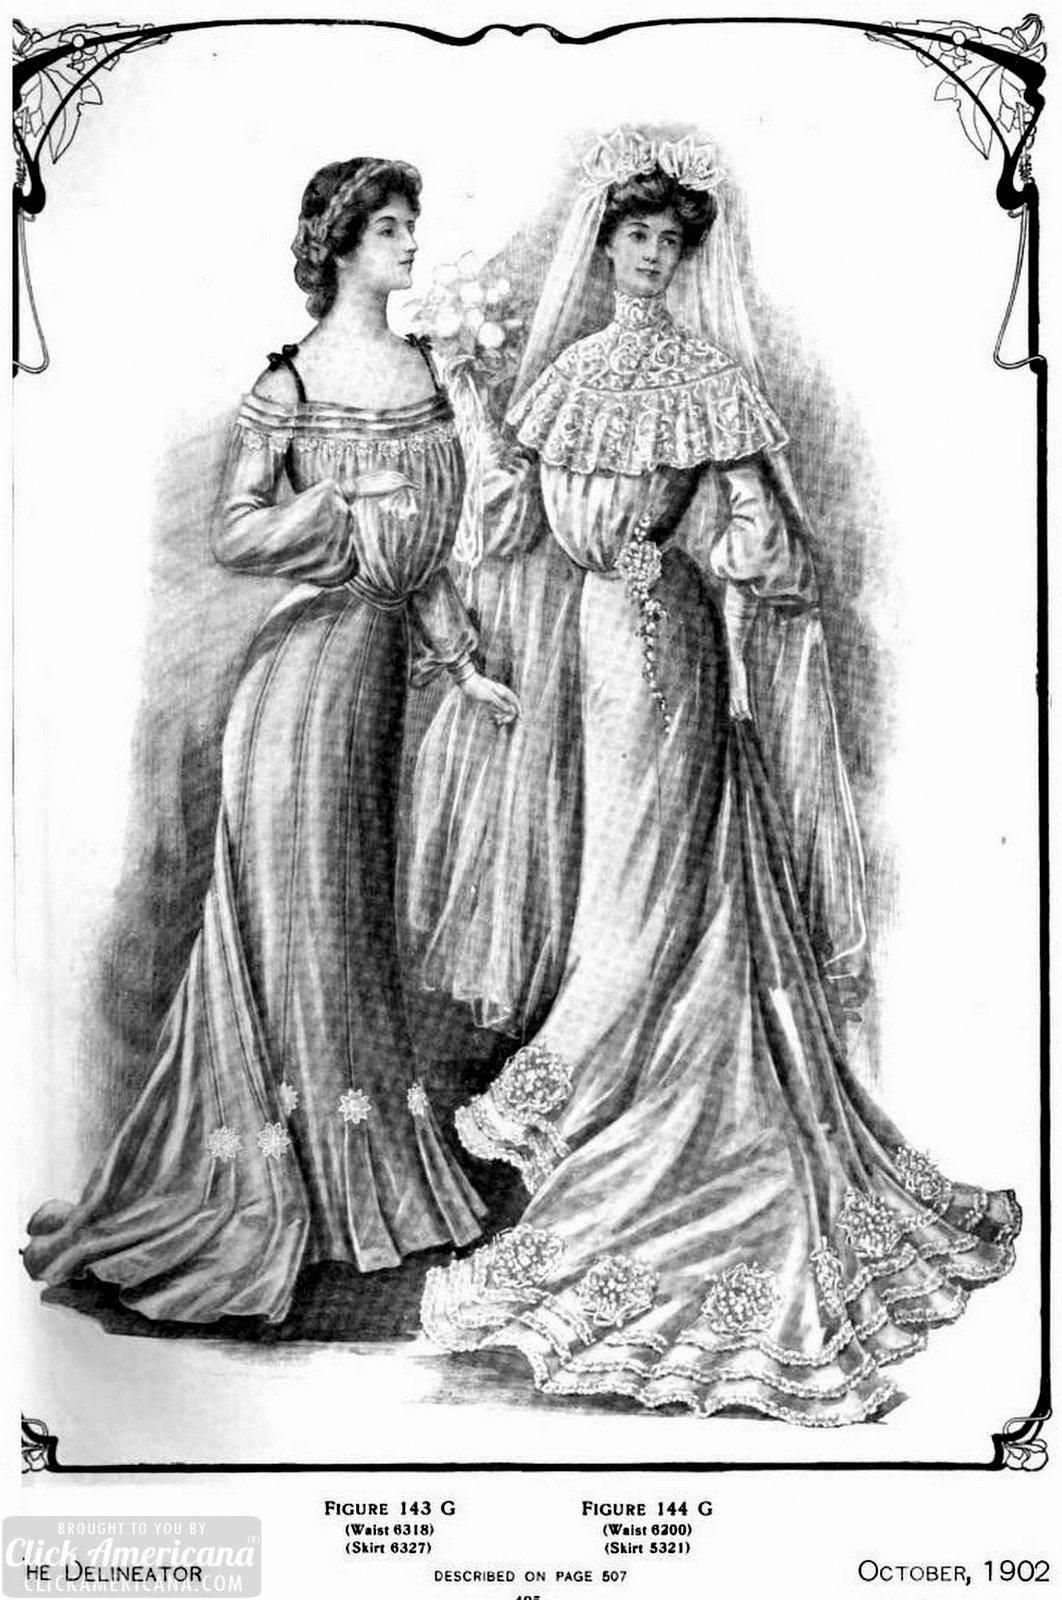 1902 The Delineator bride wedding